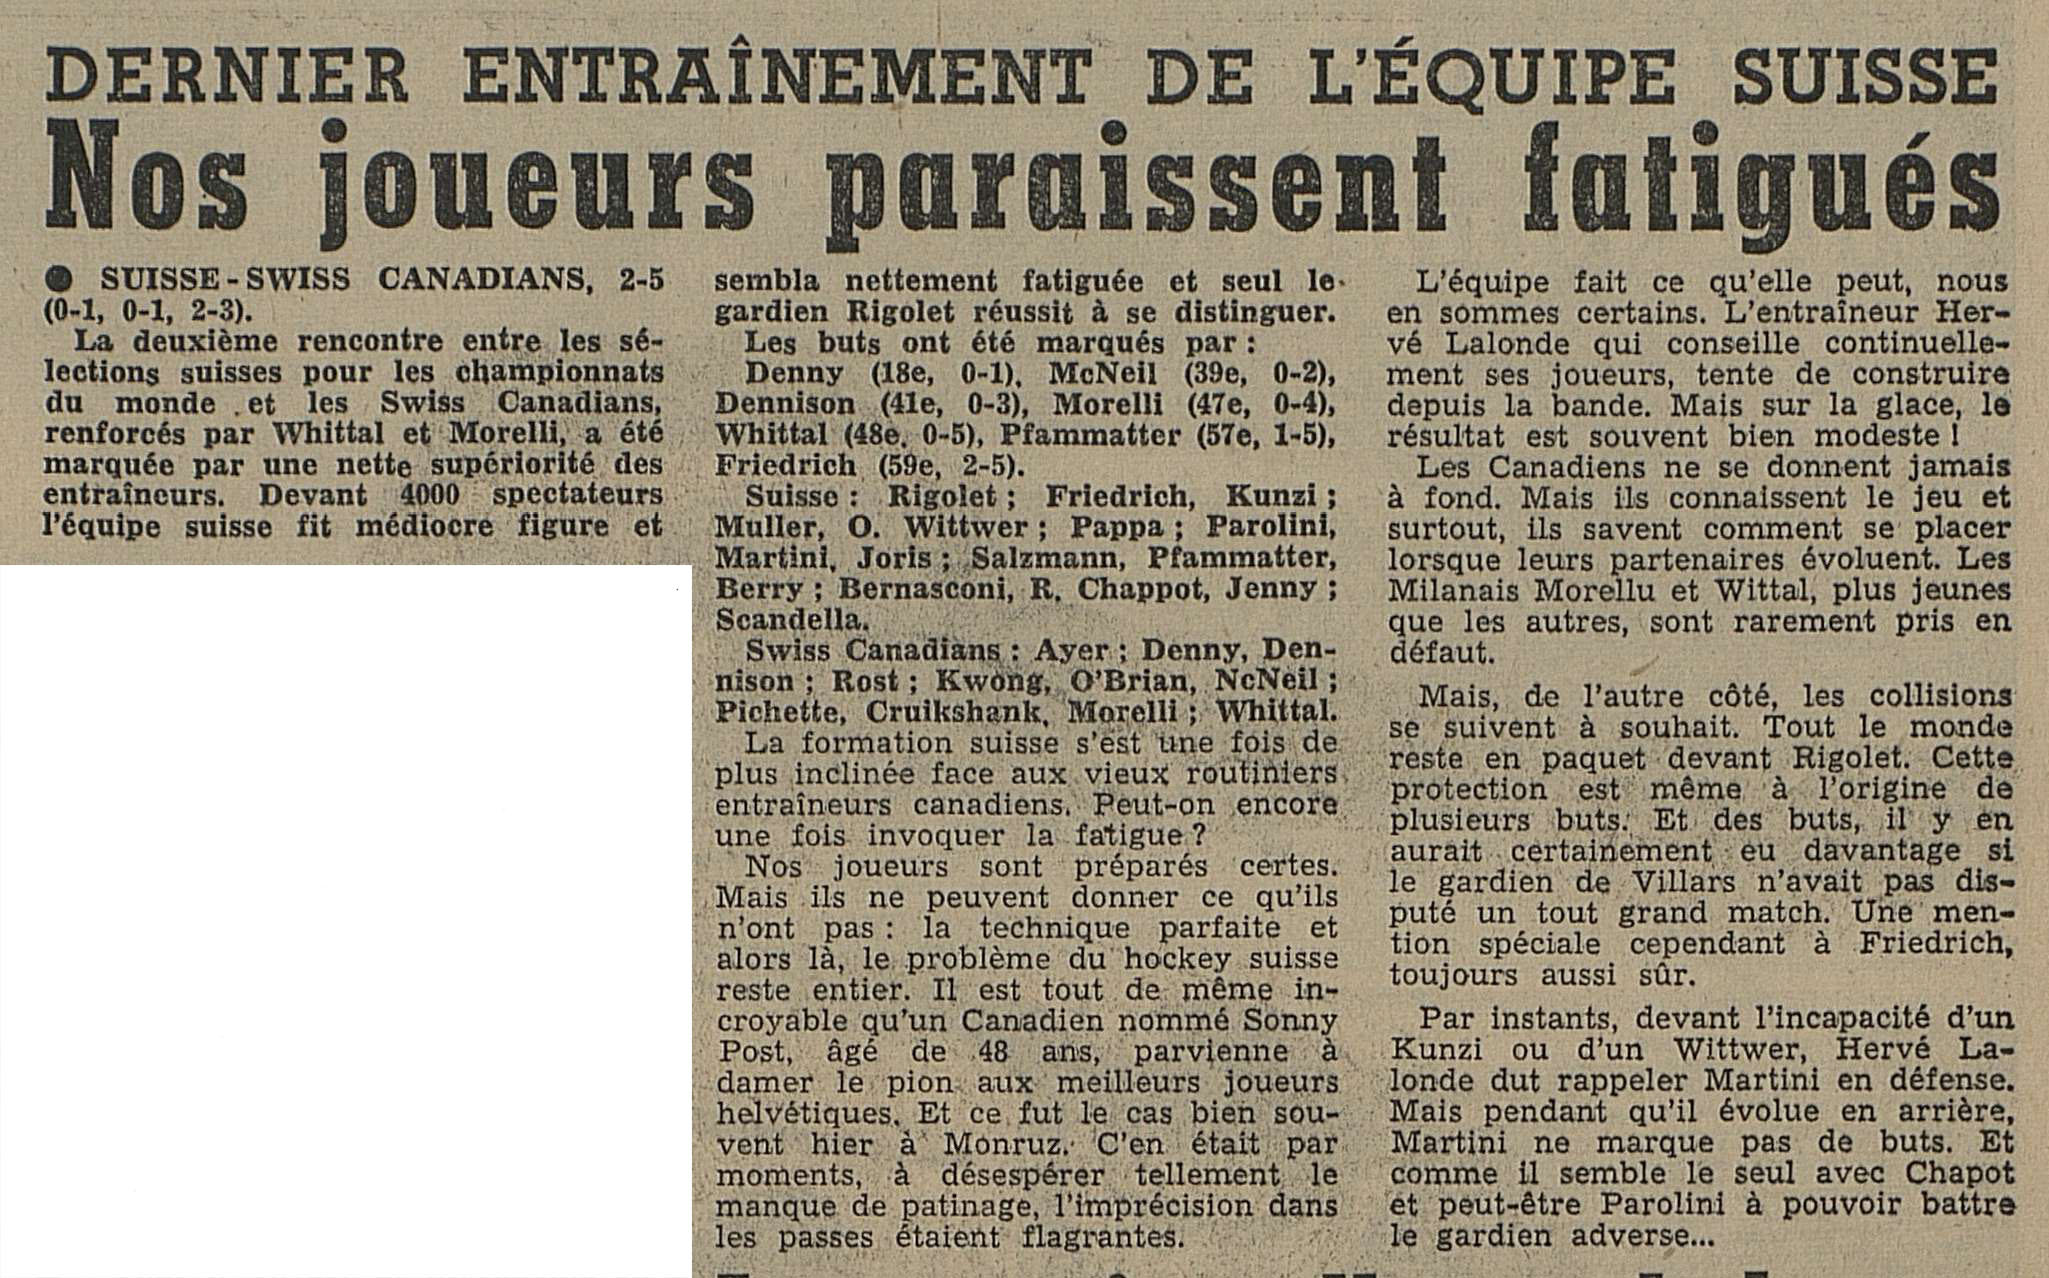 Le Matin - Tribune de Lausanne_19630304-1.jpg